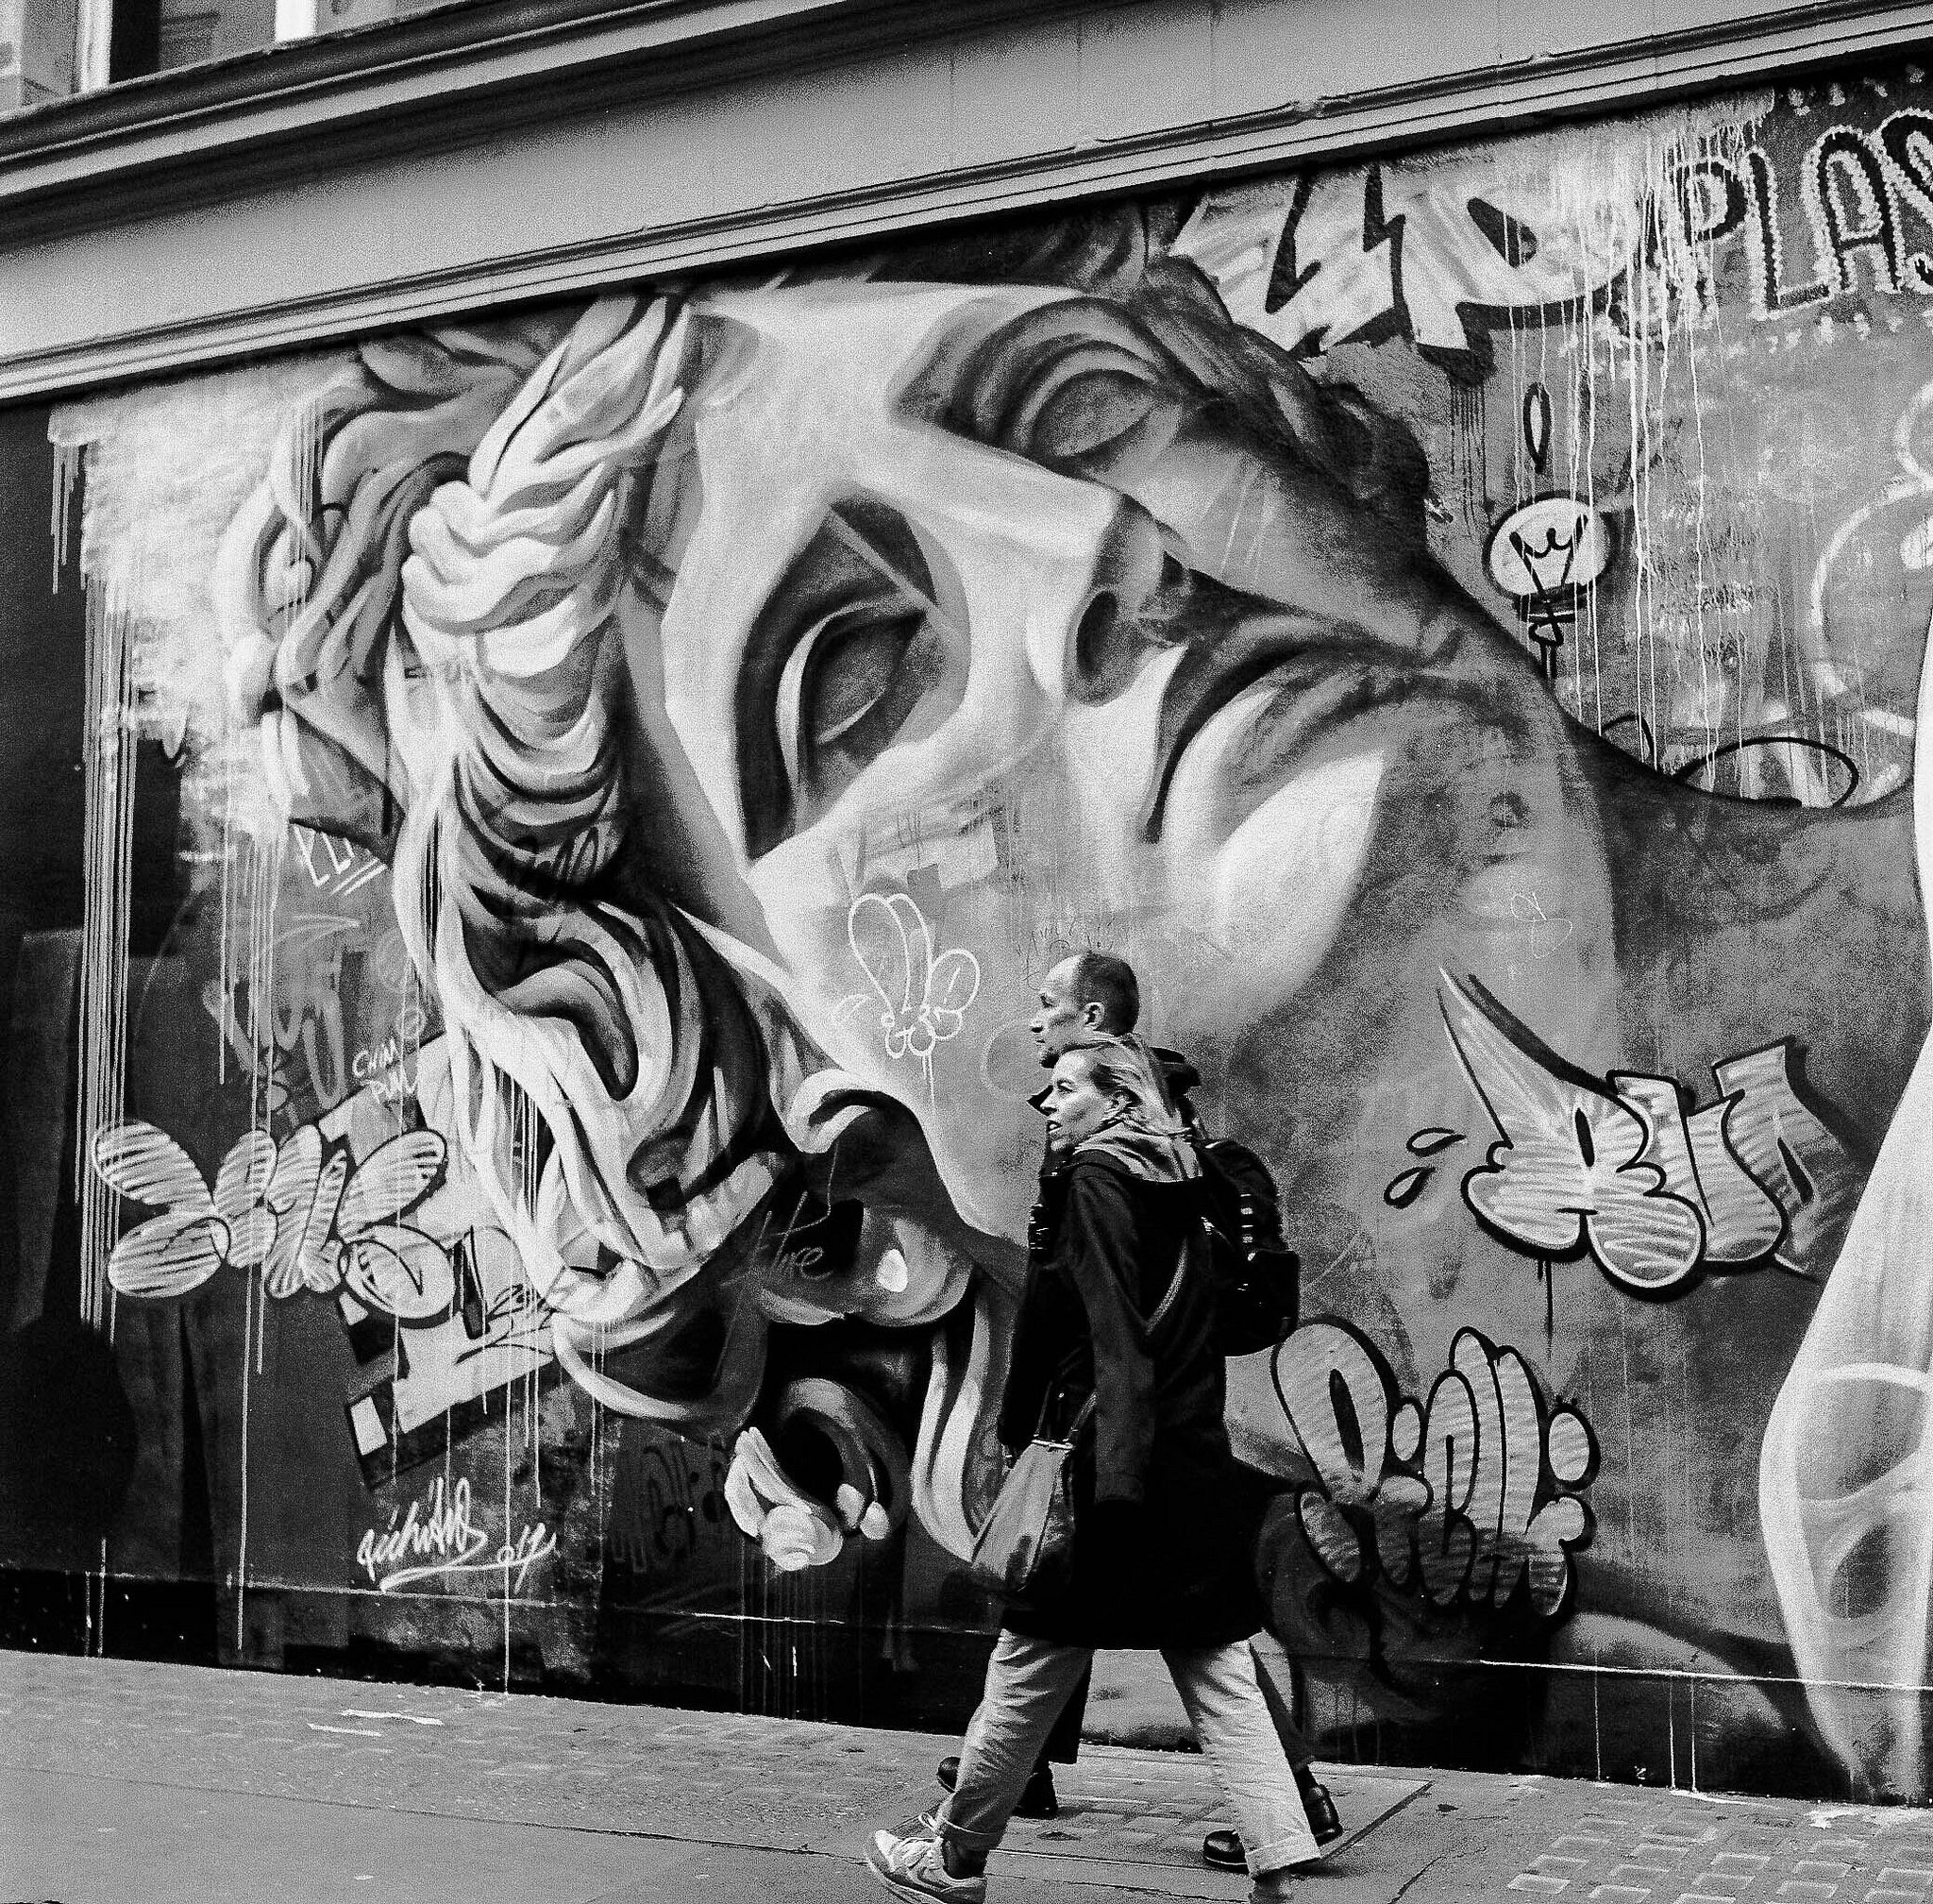 птица фотографии граффити черно белые выяснилось